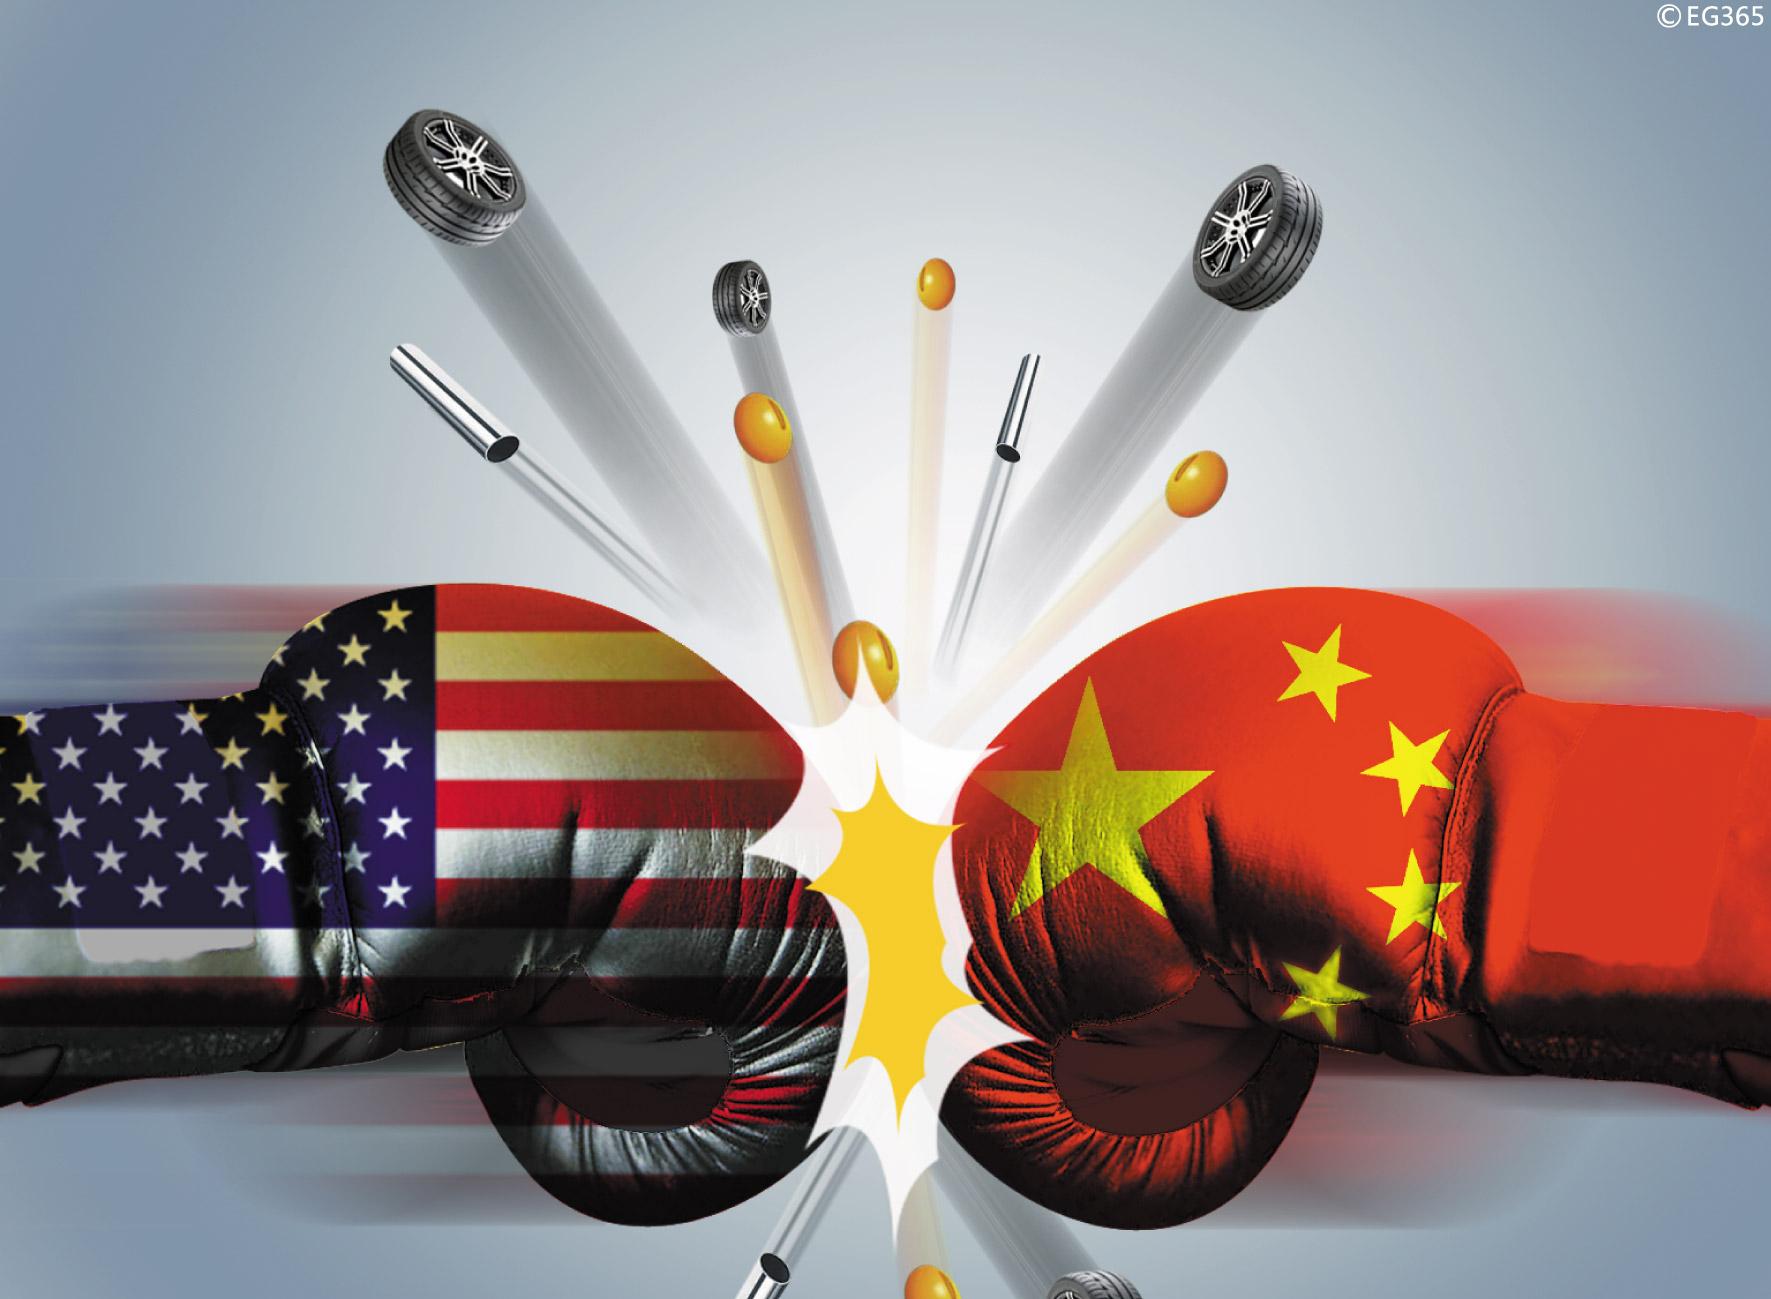 在反倾销问题上生事 美国真要和中国打贸易战